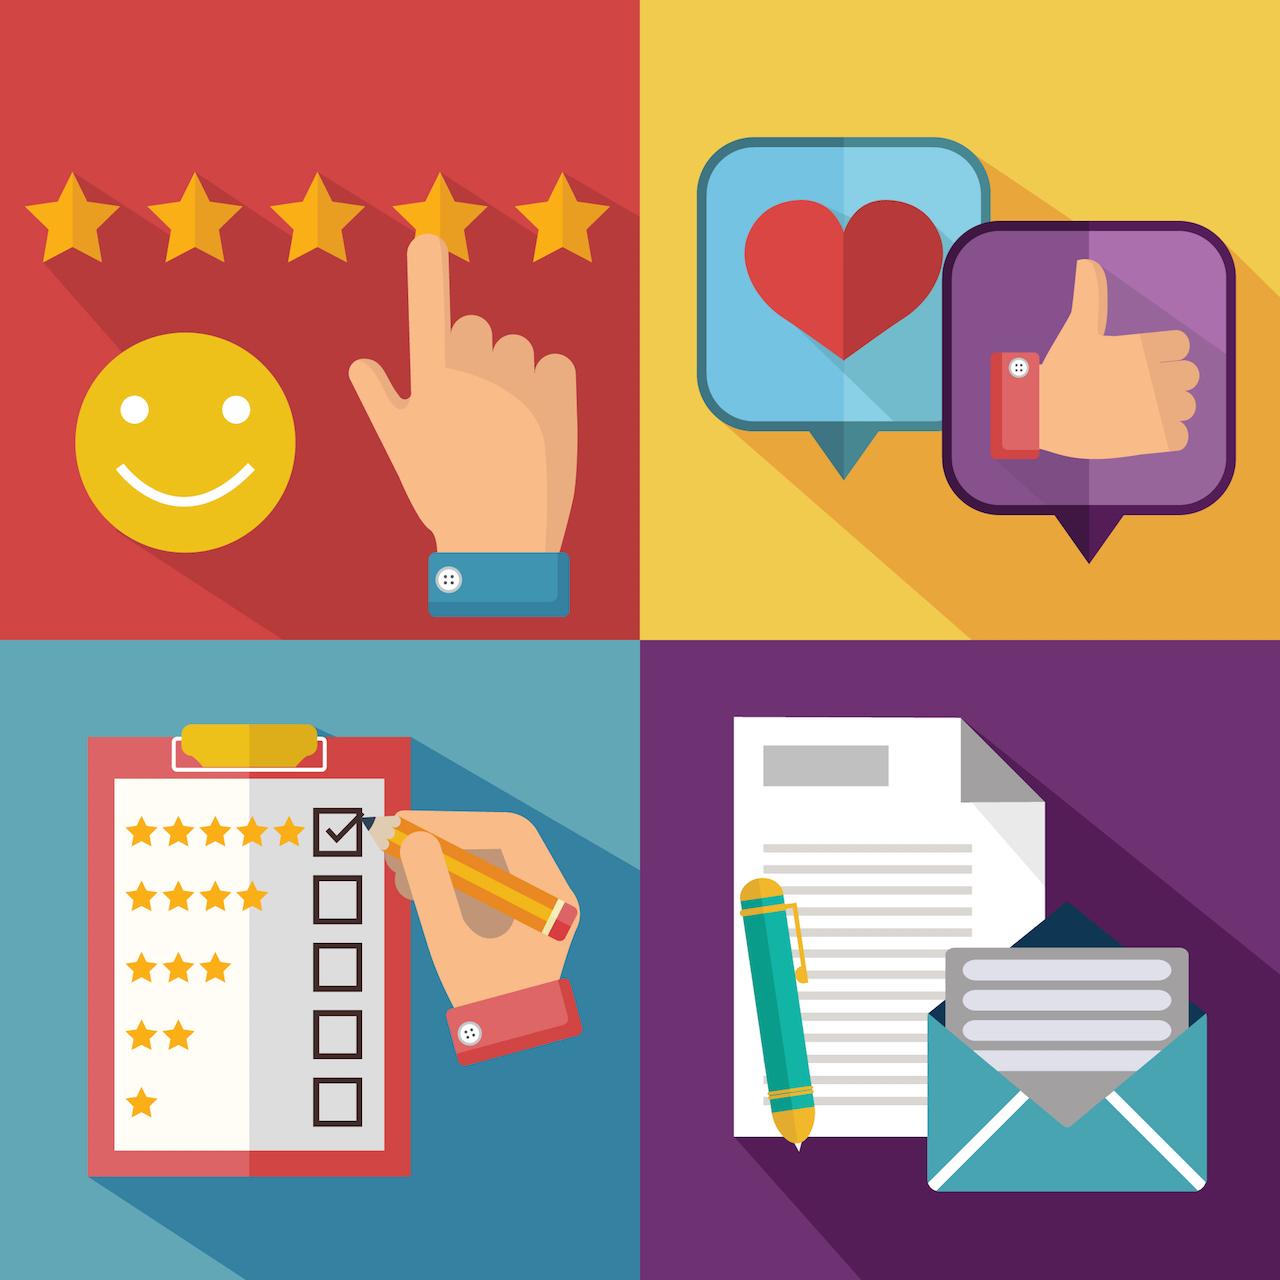 ratings reviews feedback